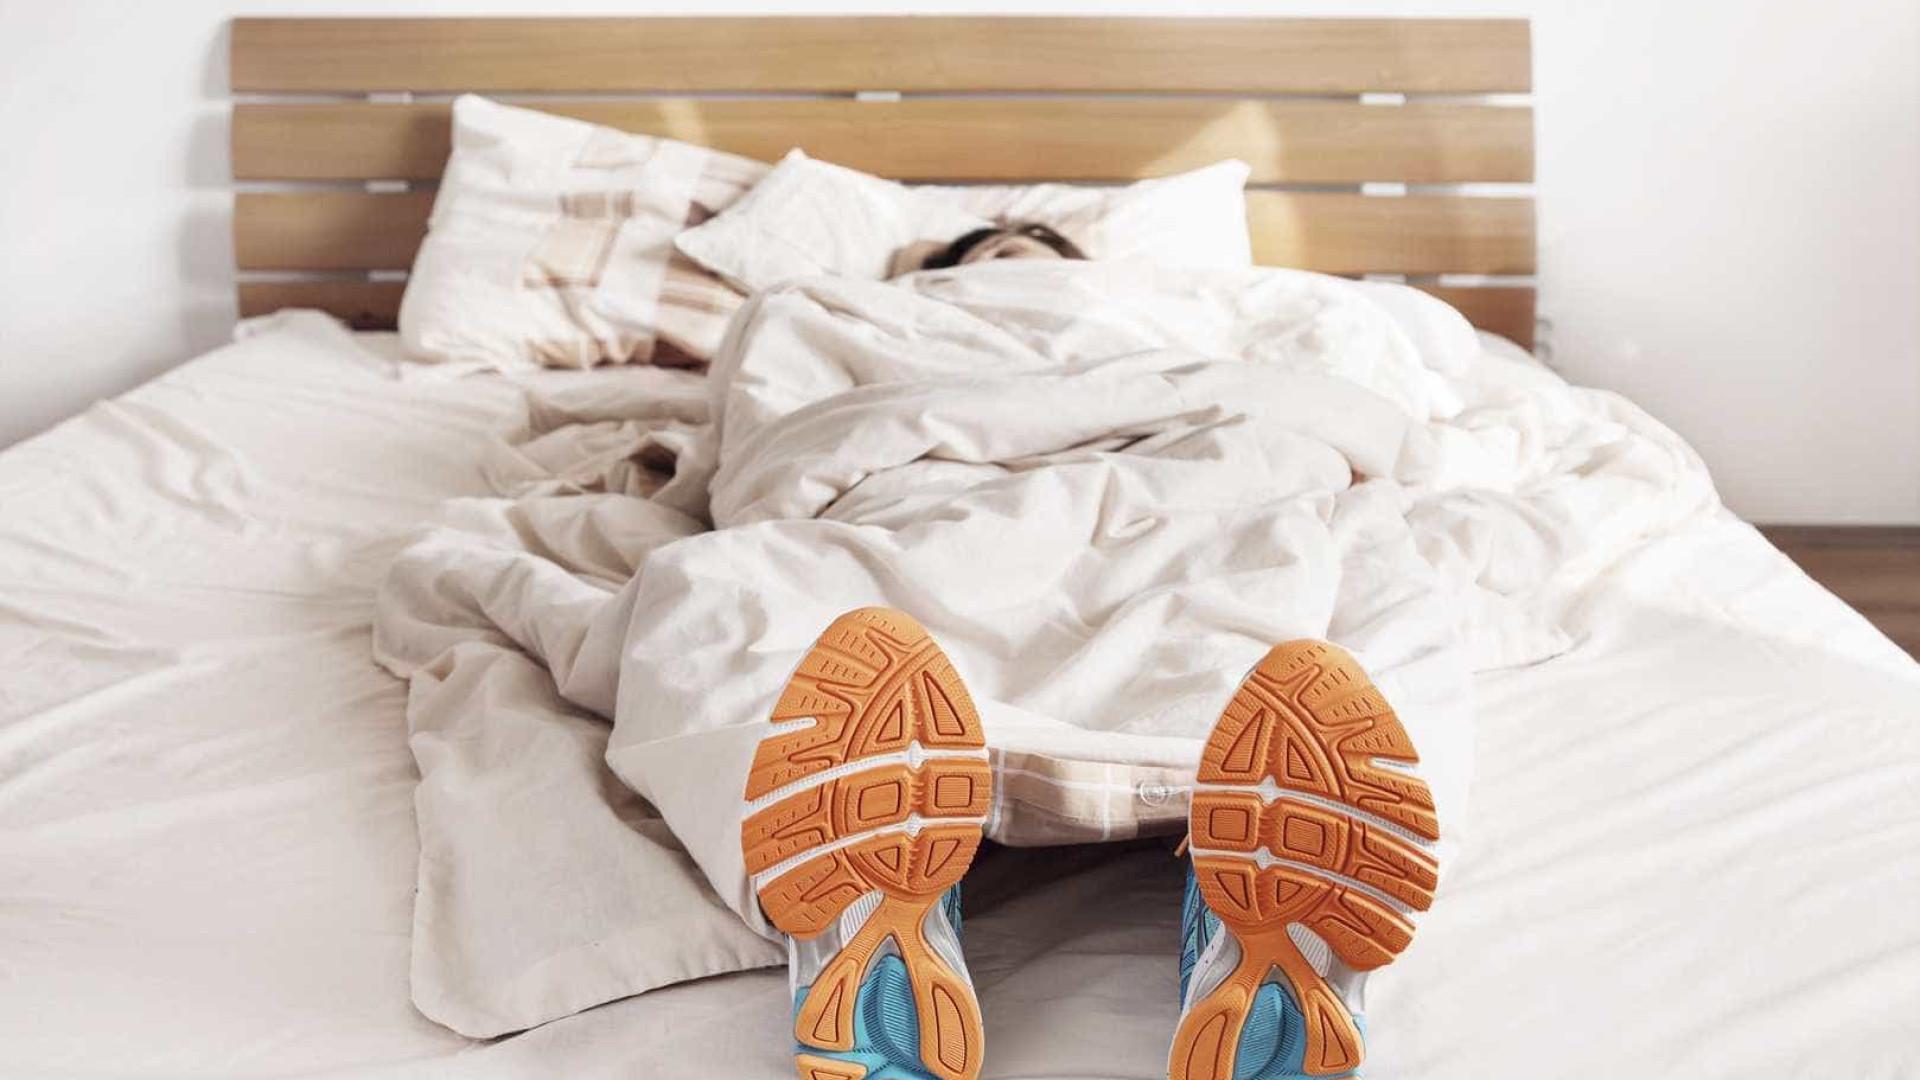 Renda-se à preguiça e faça estes exercícios sem sair da cama